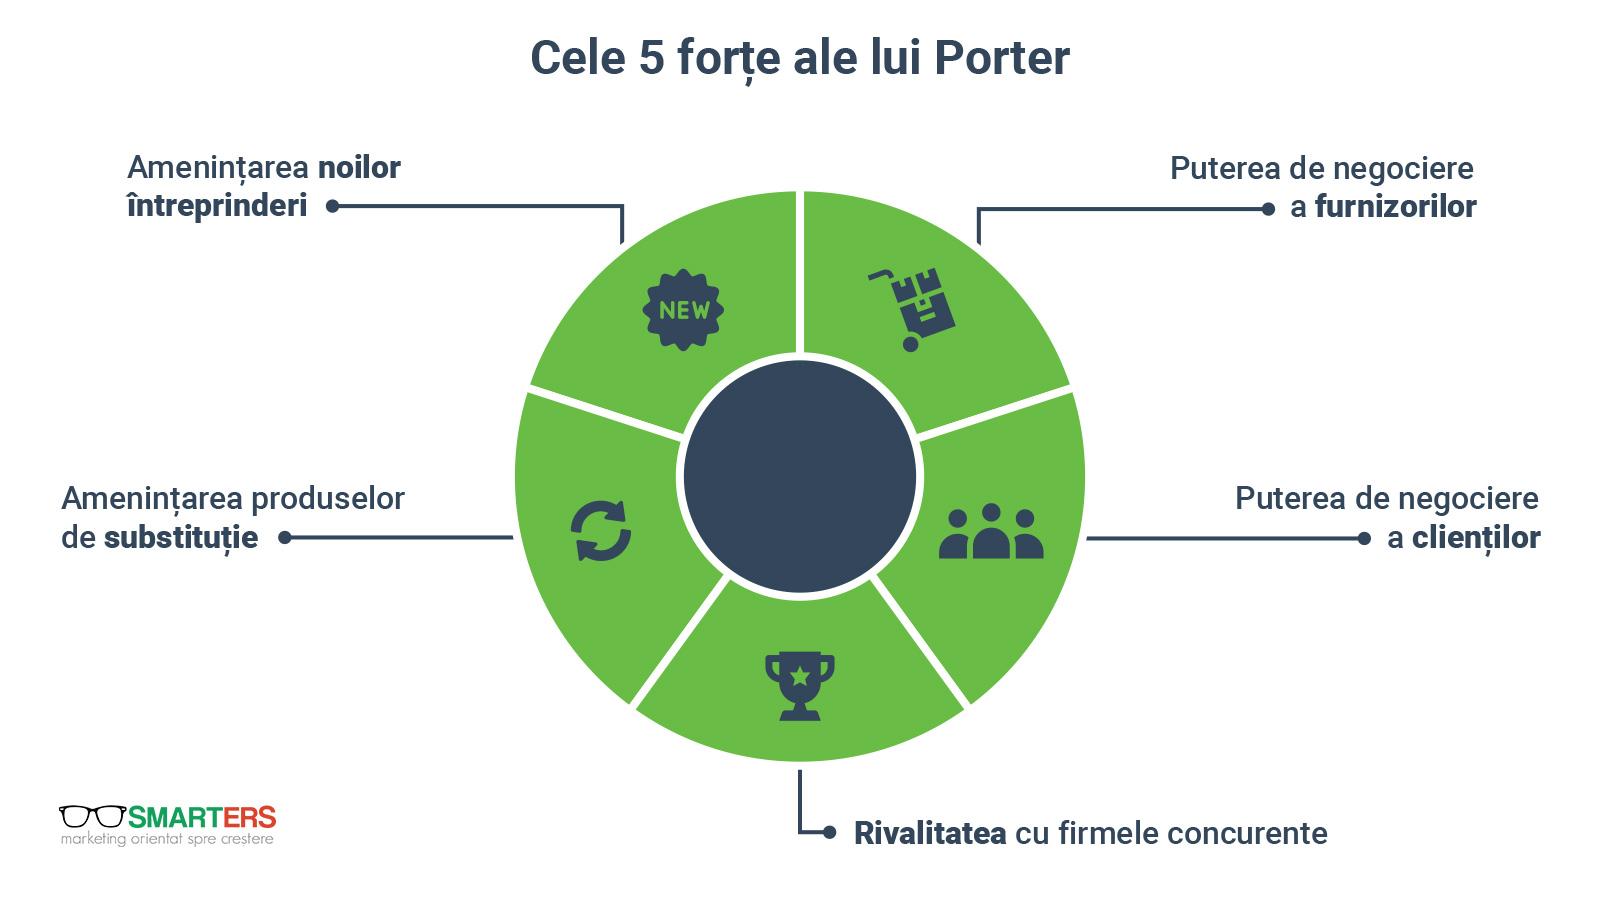 Modelul lui Porter cu cele 5 forțe ale sale